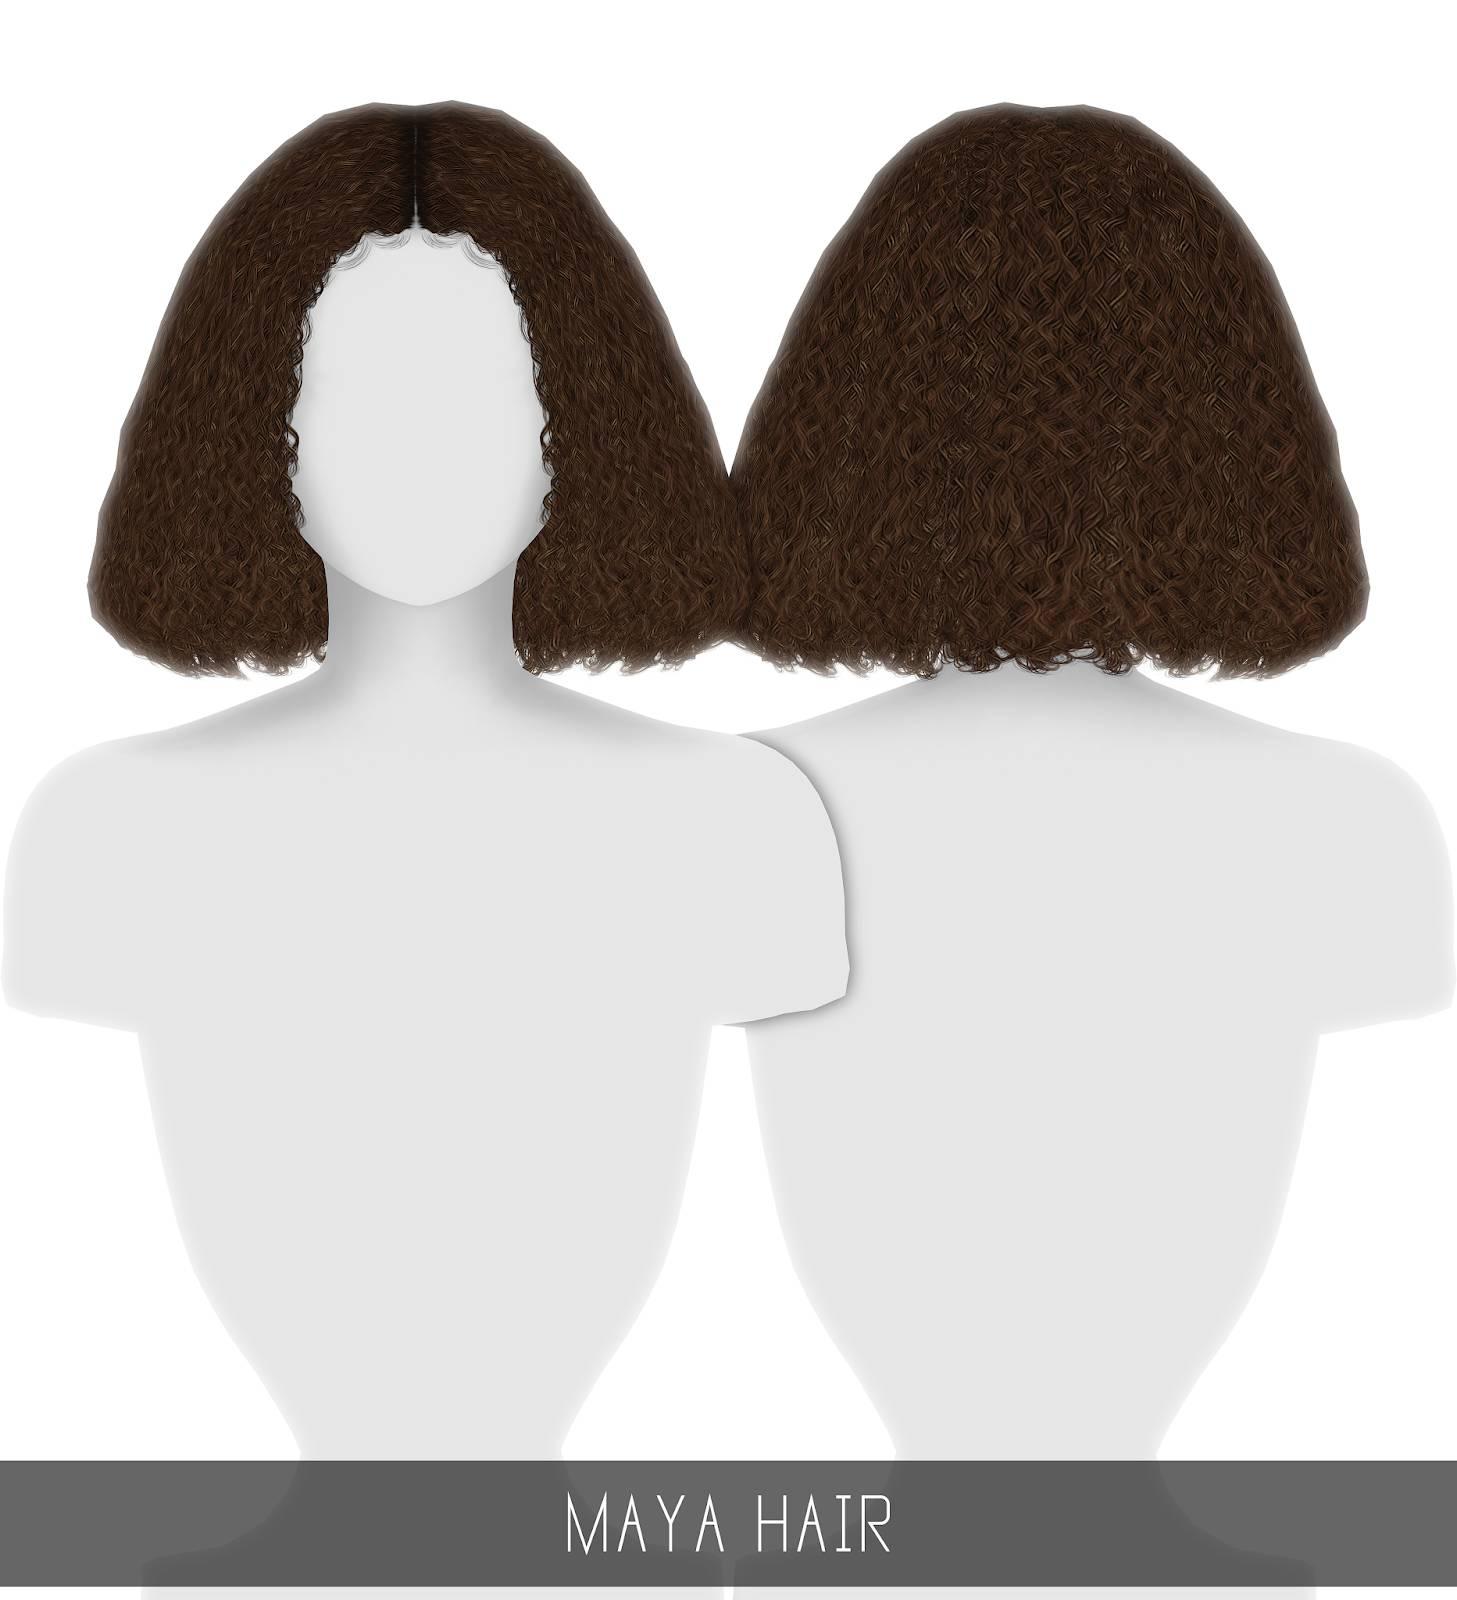 Прическа - MAYA HAIR